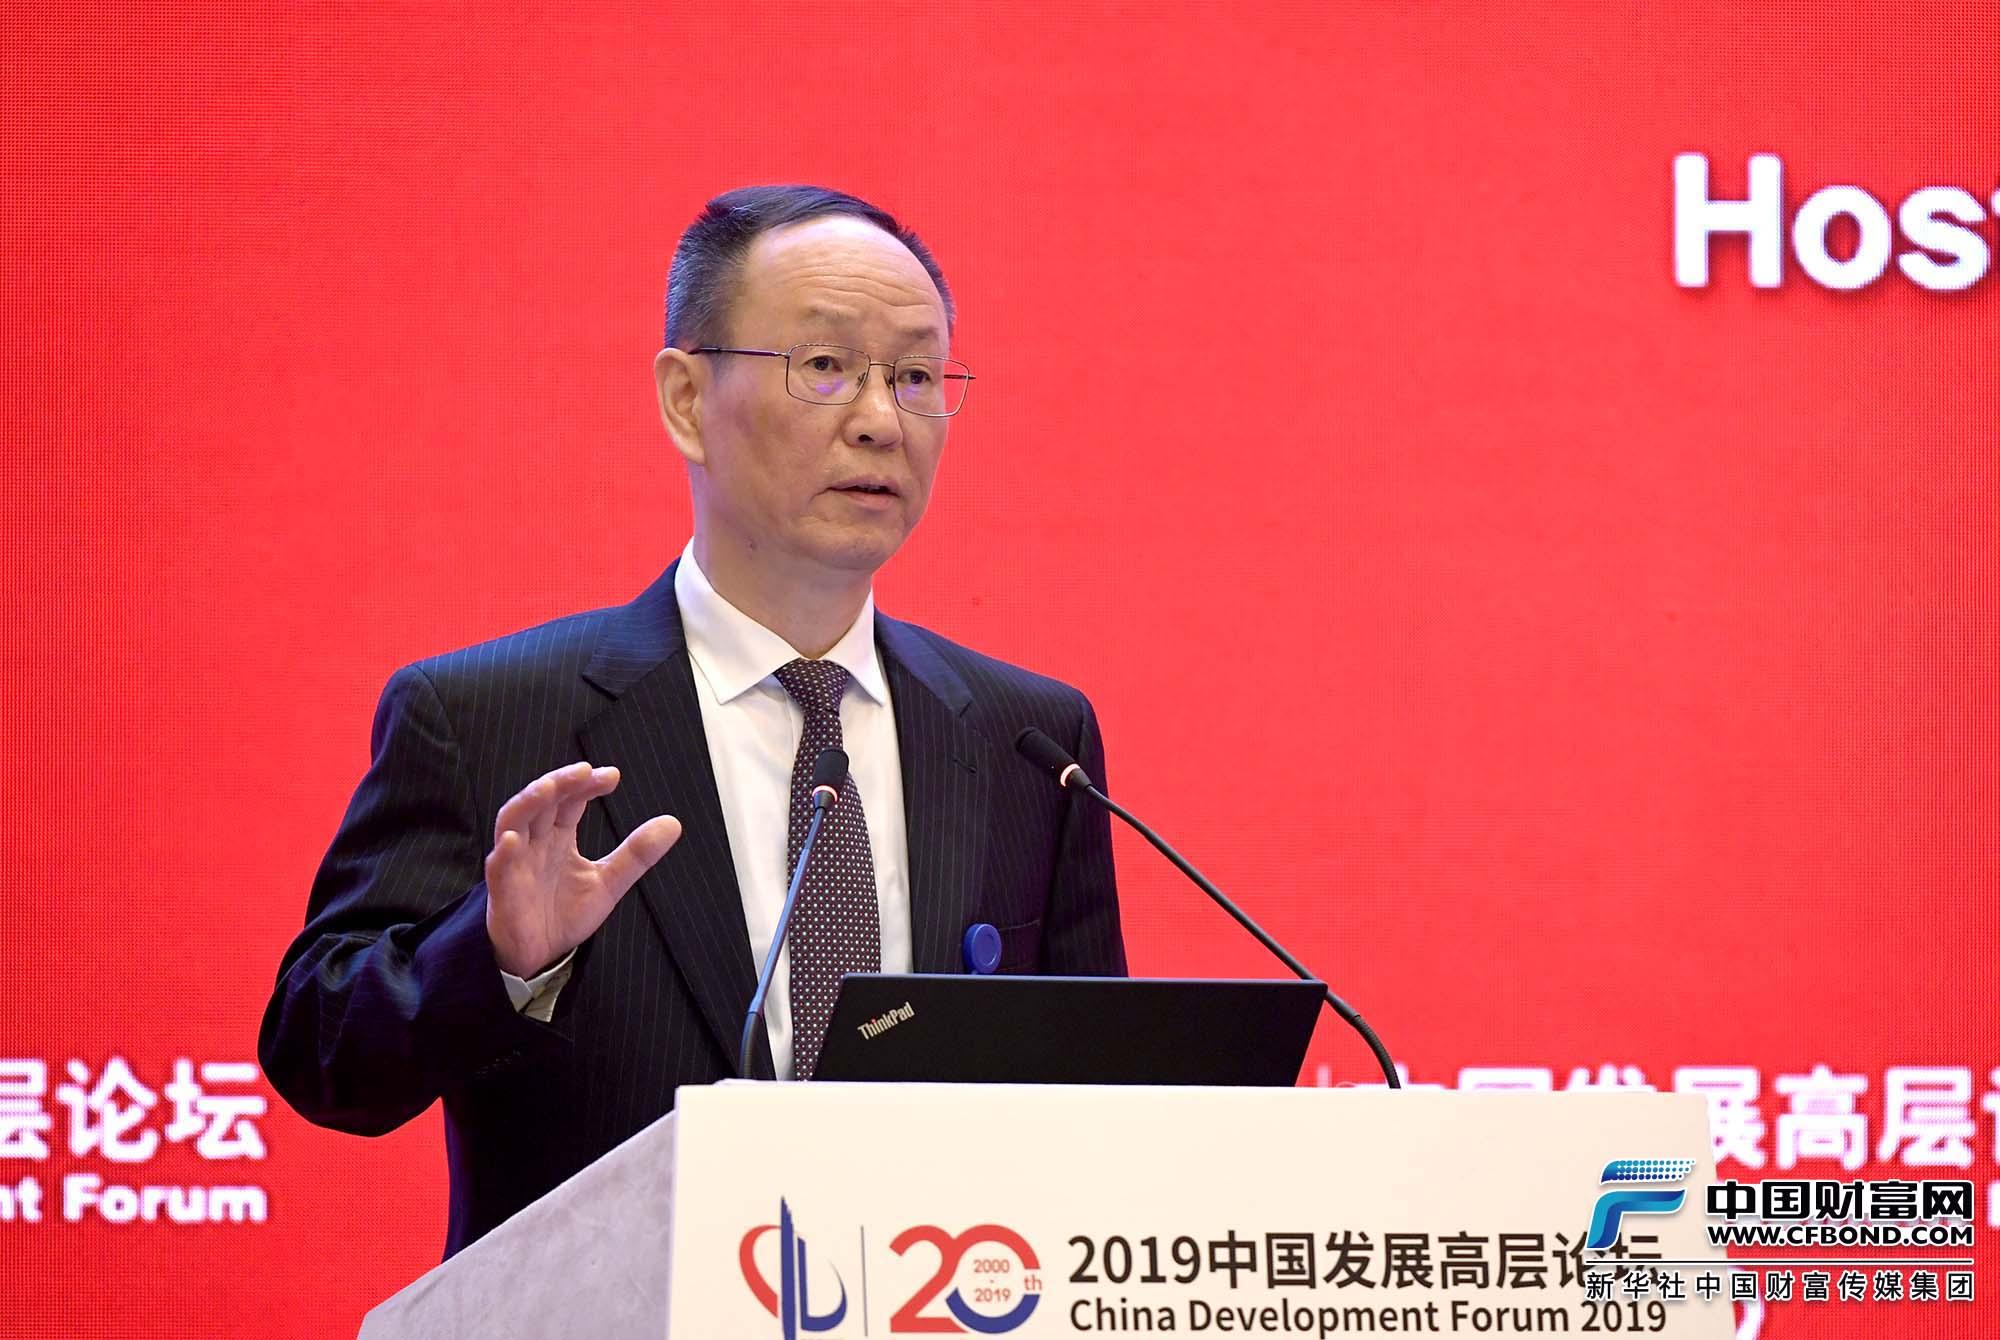 发言人:国务院发展研究中心副主任王一鸣